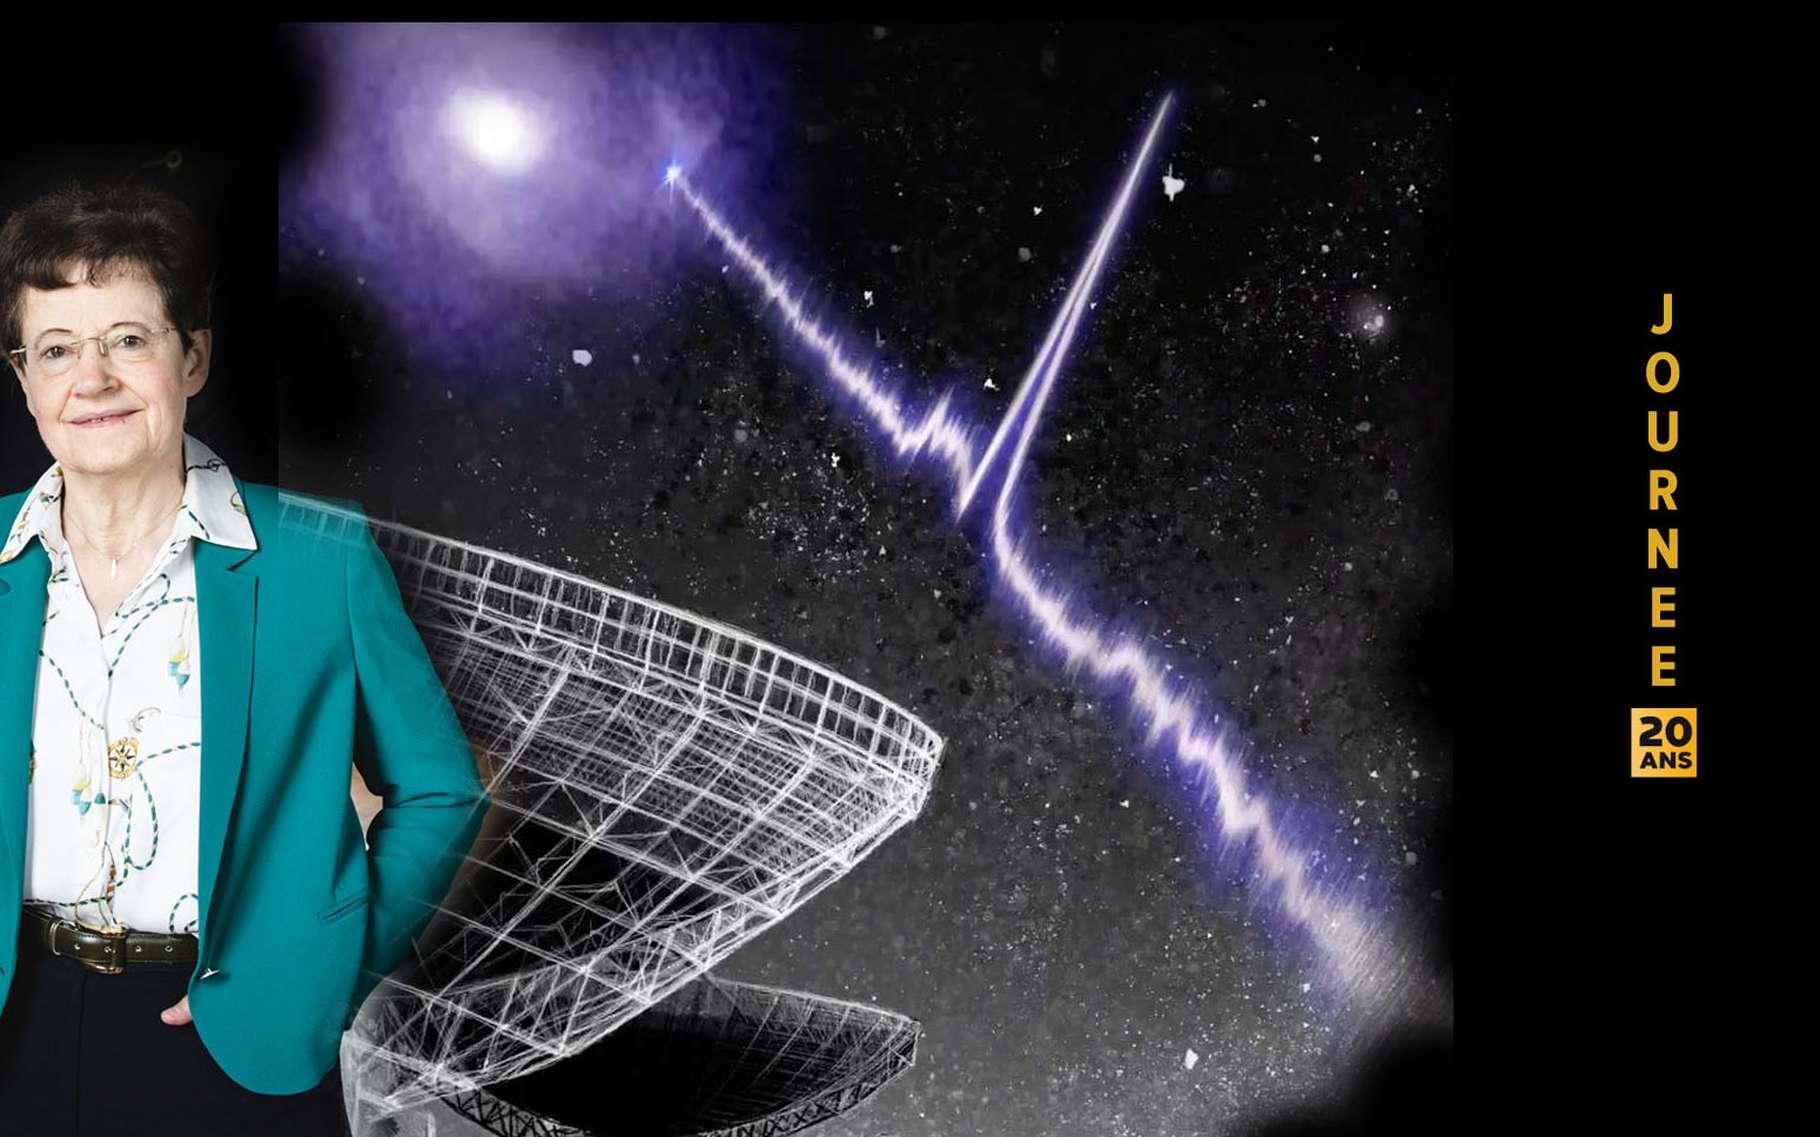 Le radiotélescope canadien Chime devrait aider les astronomes à enfin élucider le mystère des sursauts radio rapides. © Chime